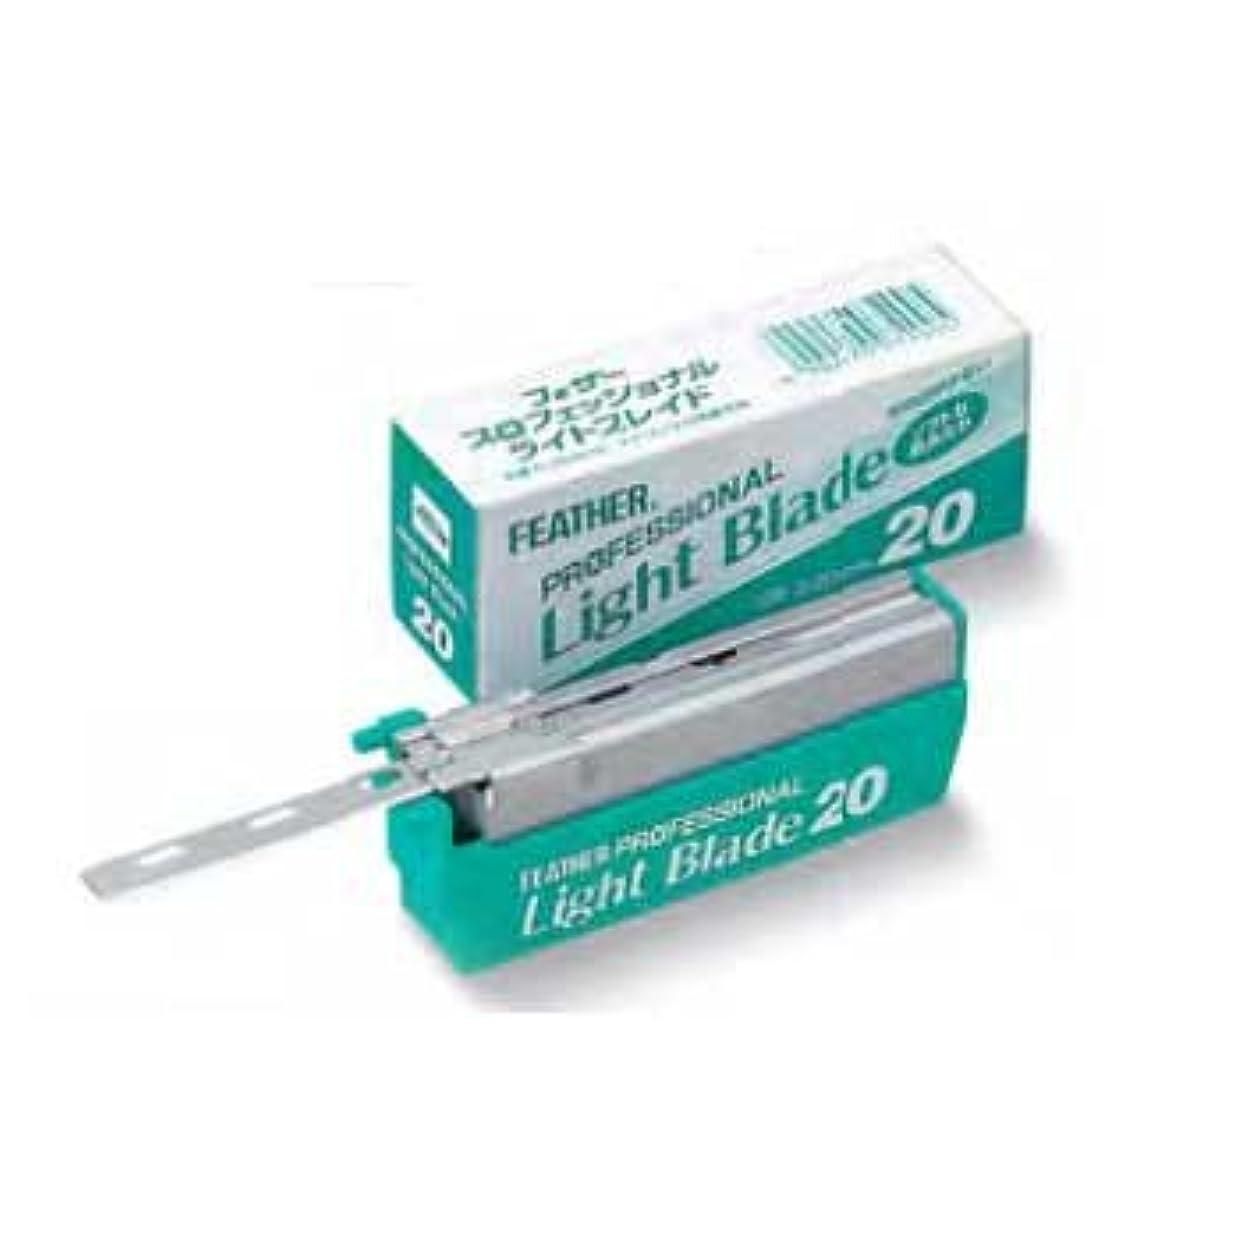 リス図いじめっ子フェザー プロフェッショナル ライトブレイド PL-20 20枚×10 替刃 刃の出が少ないソフトな肌当たり FEATHER アーティストクラブ用替刃